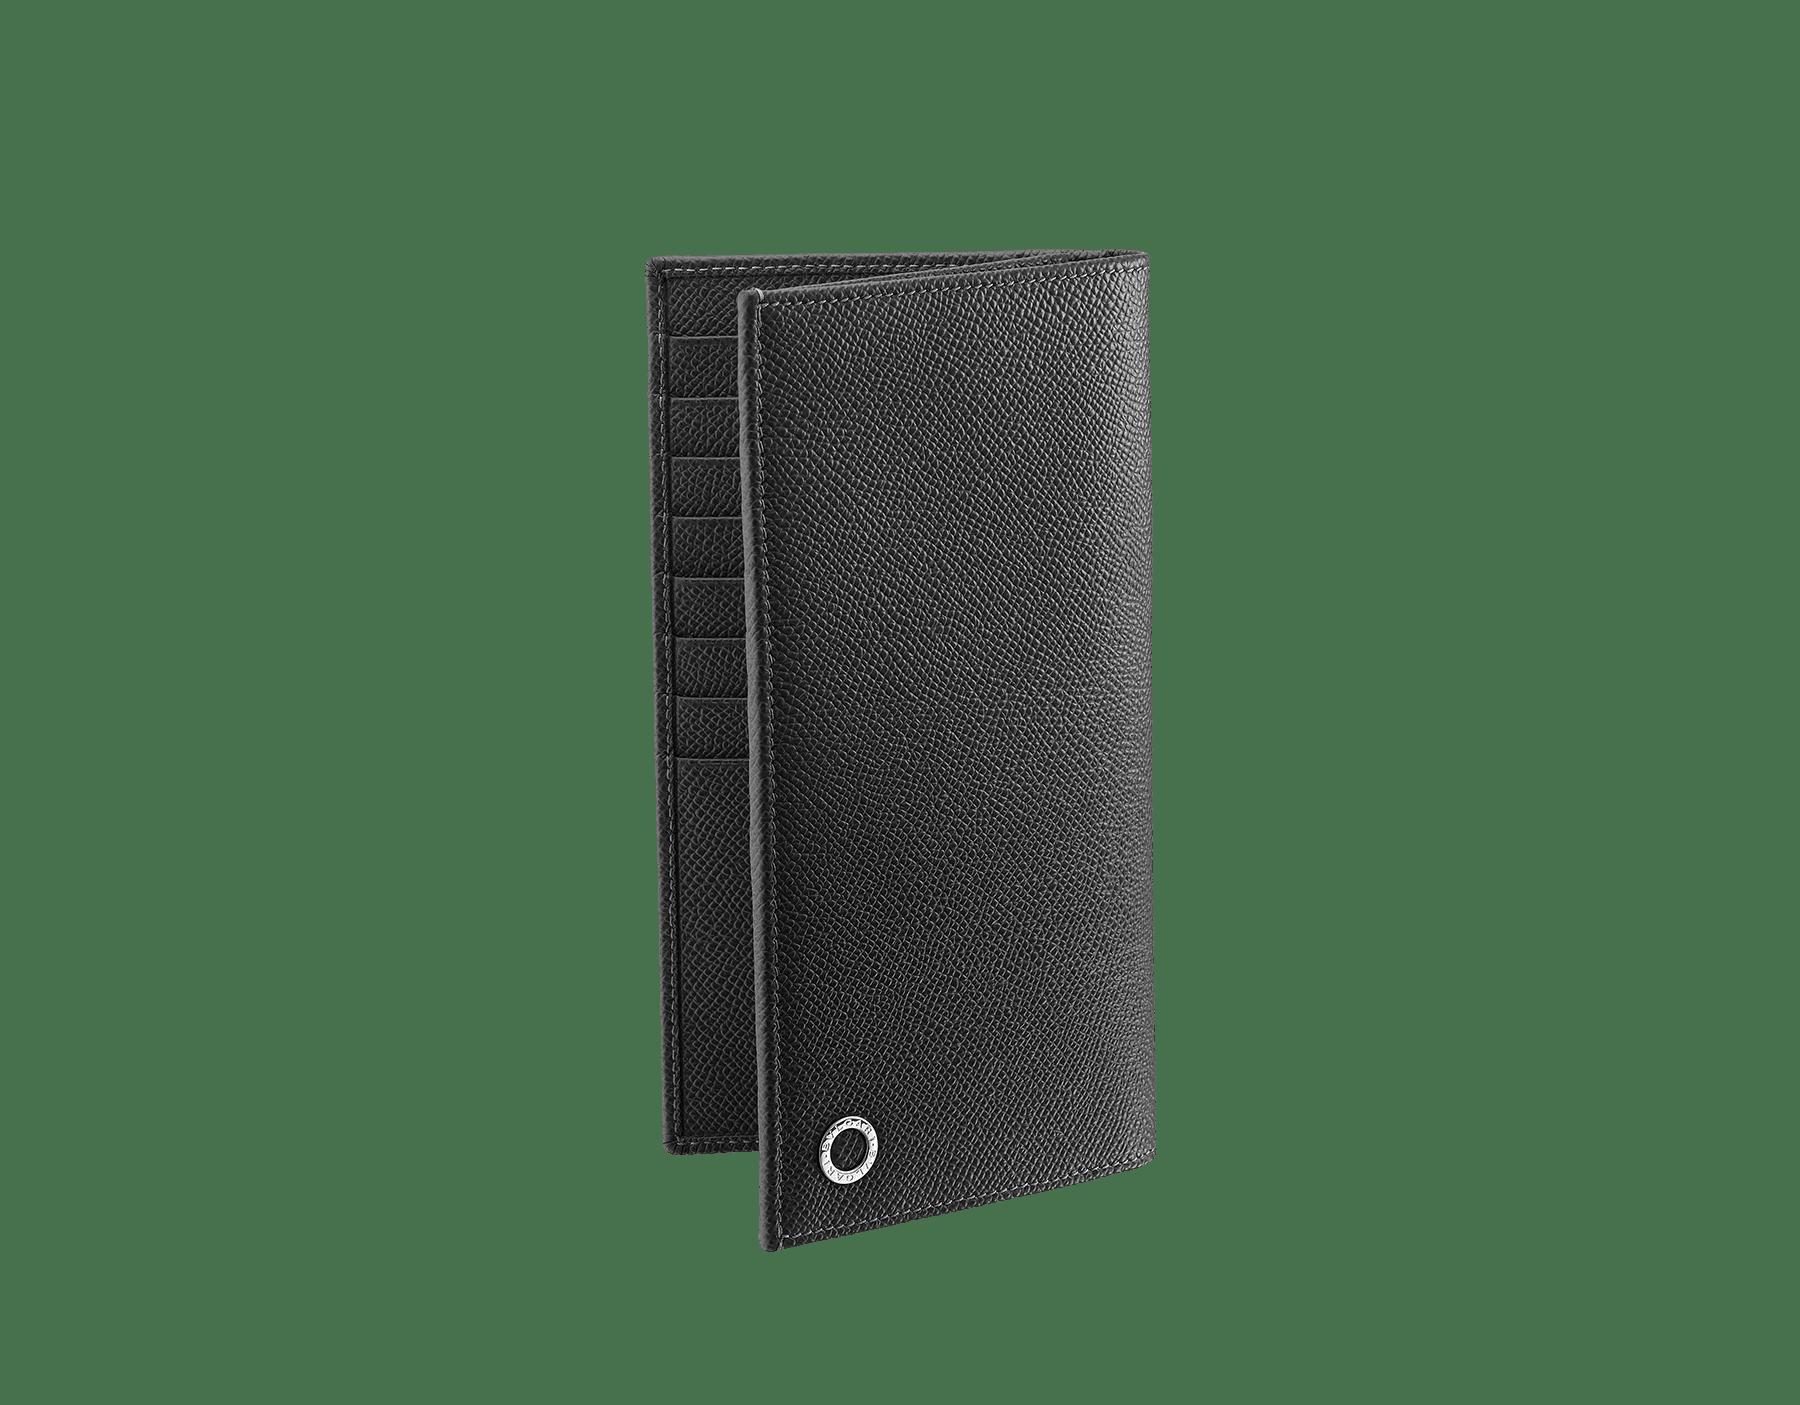 Carteira para yen em couro de novilho granulado preto com detalhes em latão banhado a paládio e o icônico motivo BVLGARI∙BVLGARI. 285737 image 1